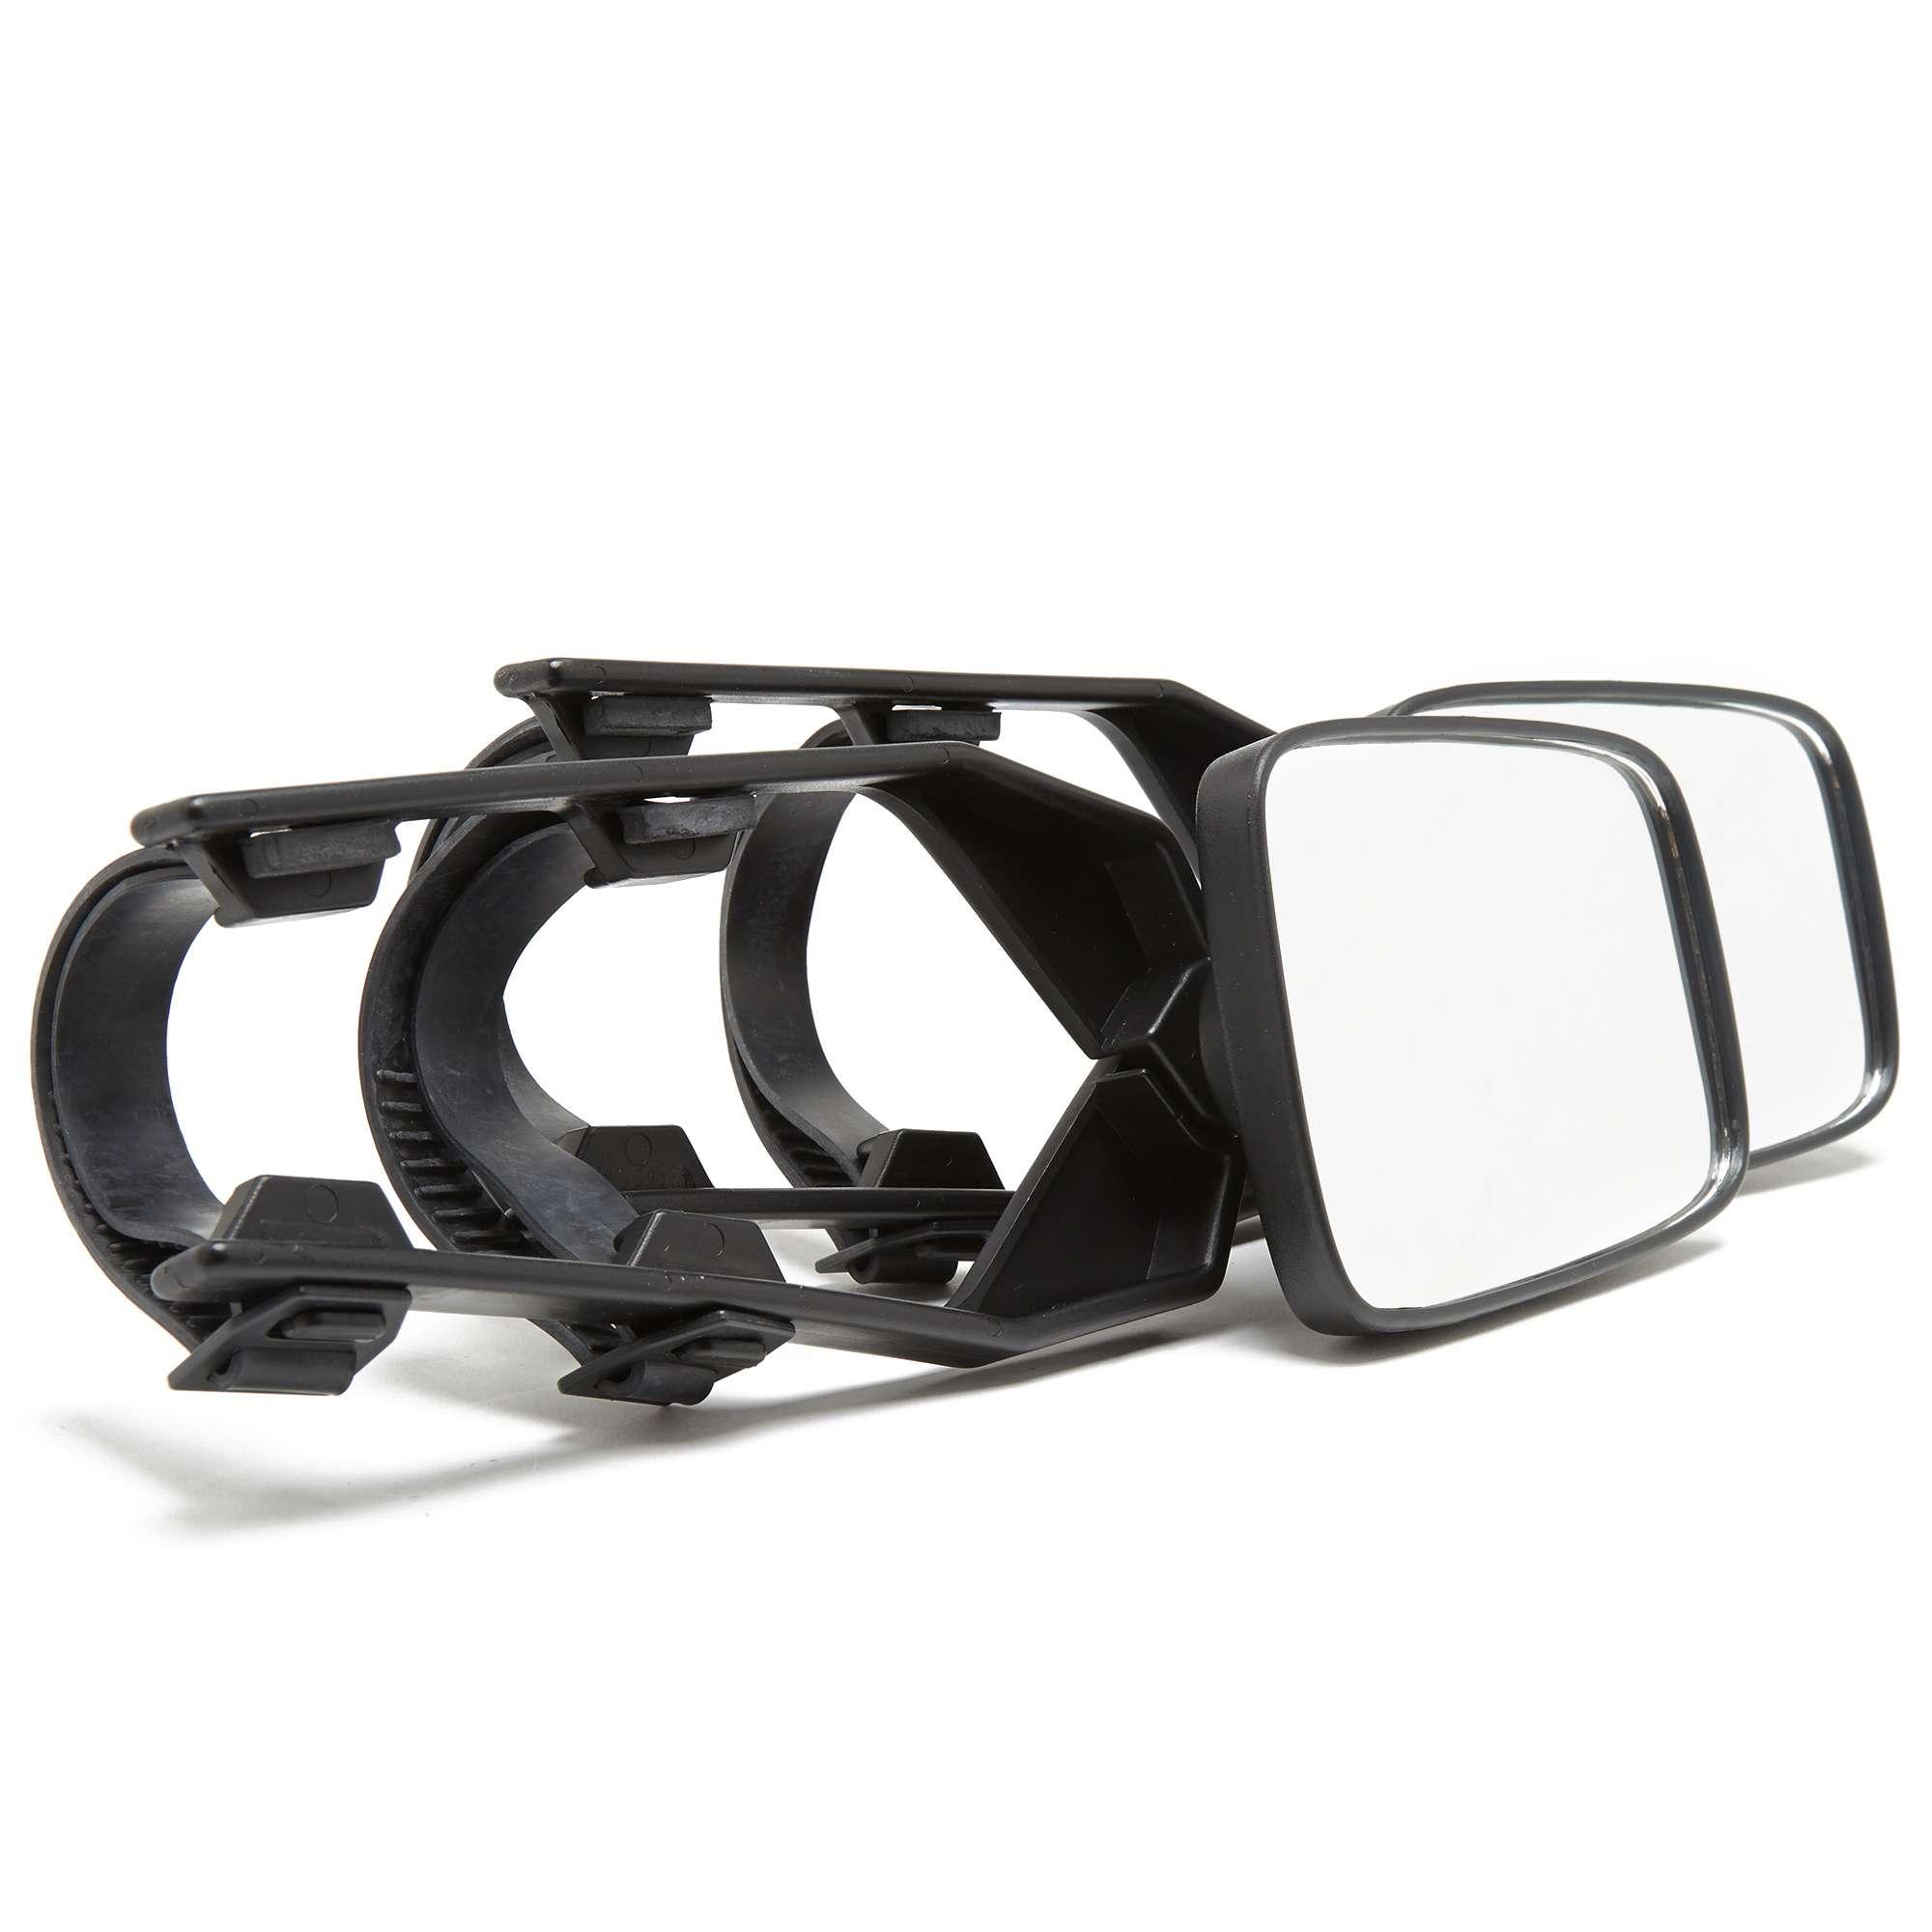 RING Towing Mirror